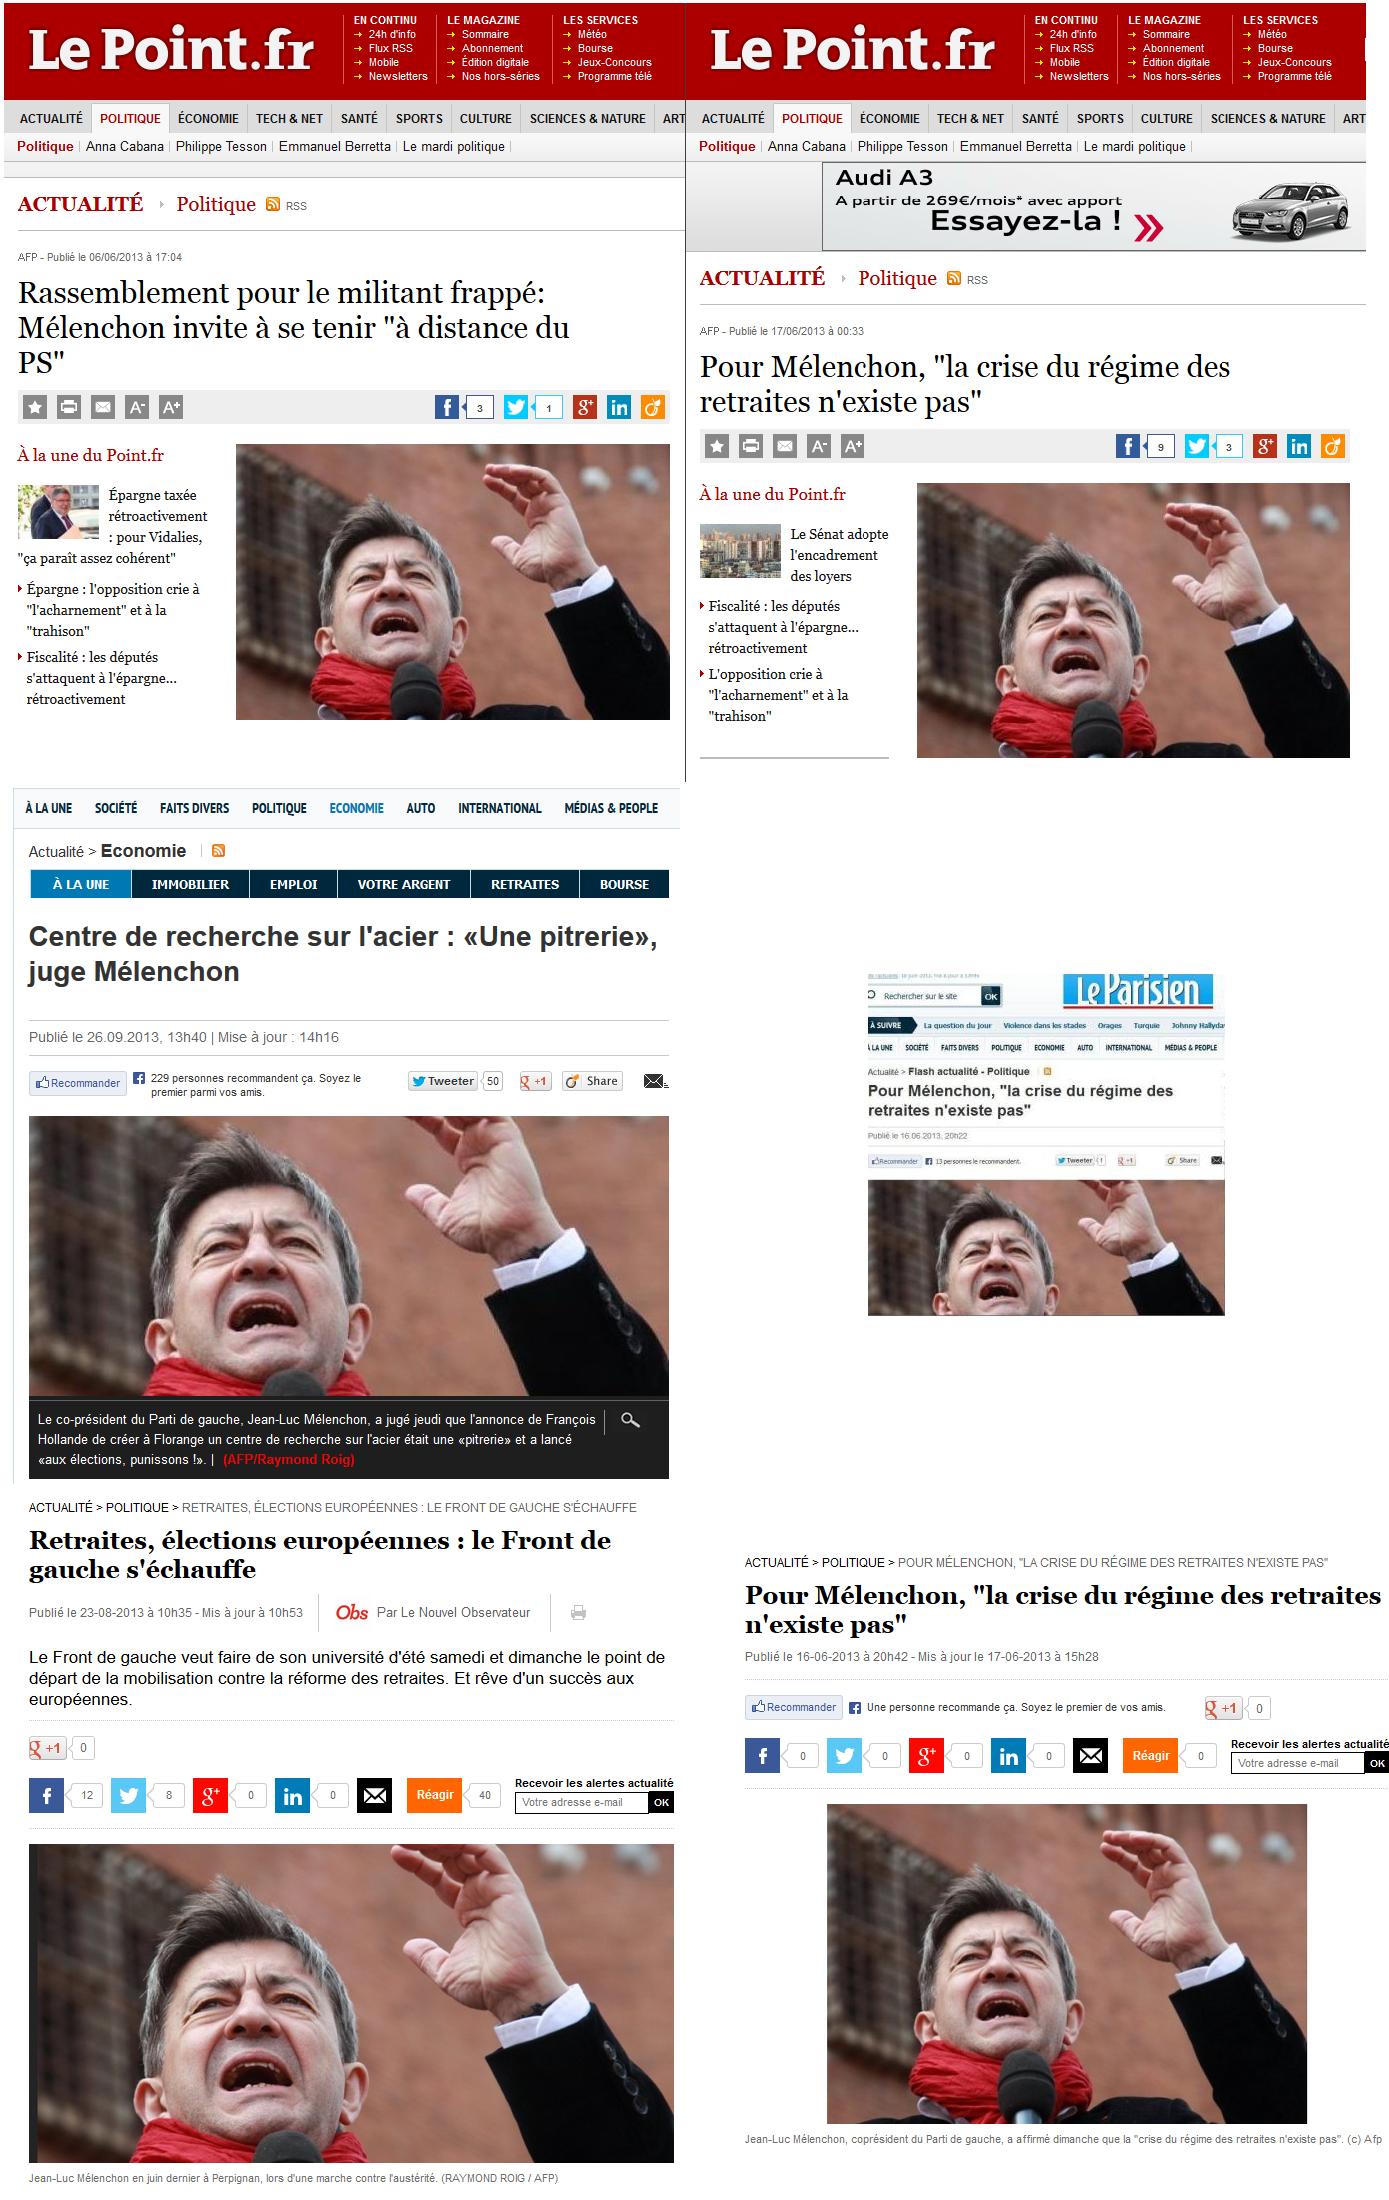 """Les journaux """"Le Point"""", """"Le Parisien"""" et """"Le Nouvel Observateur"""" ont chacun utilisé cette photographie au moins deux fois pour illustrer des sujets différents. Pour le seul mois de juin, ces trois journaux ont en tout utilisé quatre fois cette illustration."""